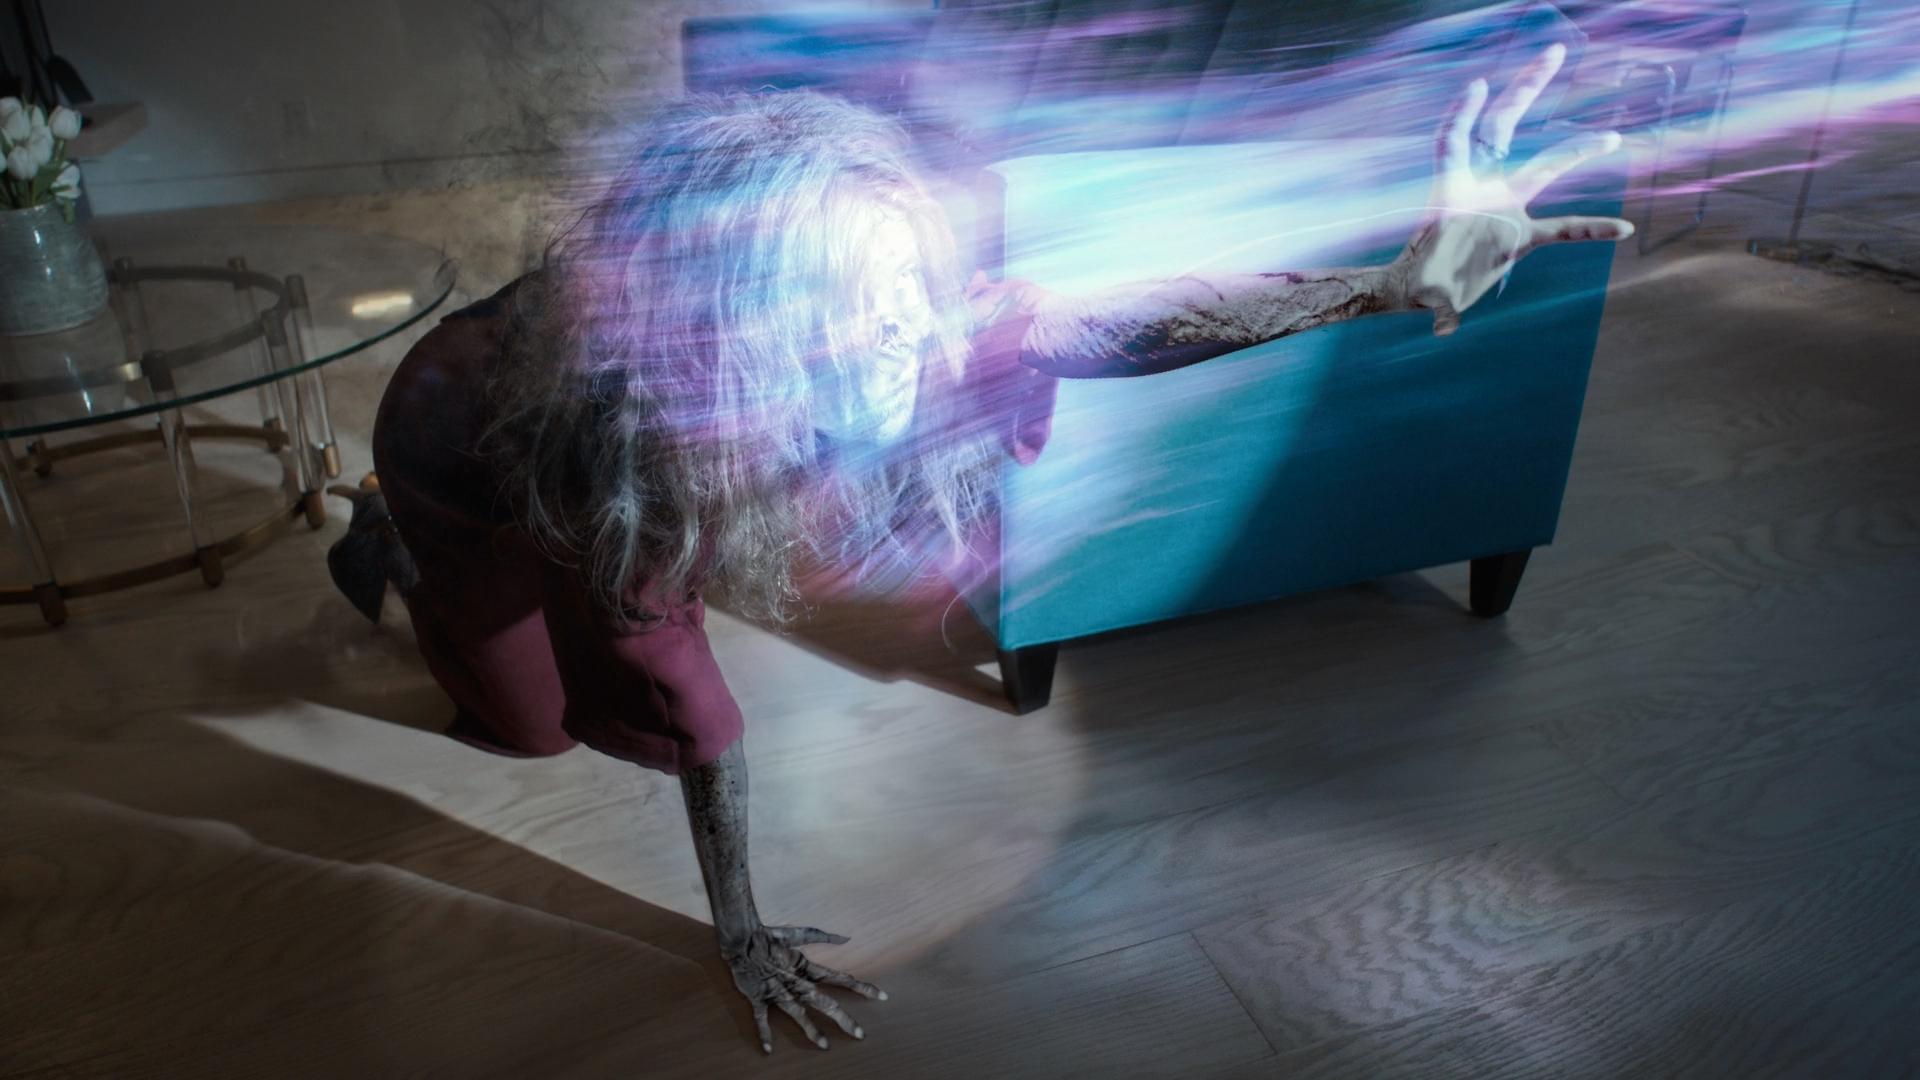 Otra dimensión Temporada 1 (2021) 1080p WEB-DL Latino